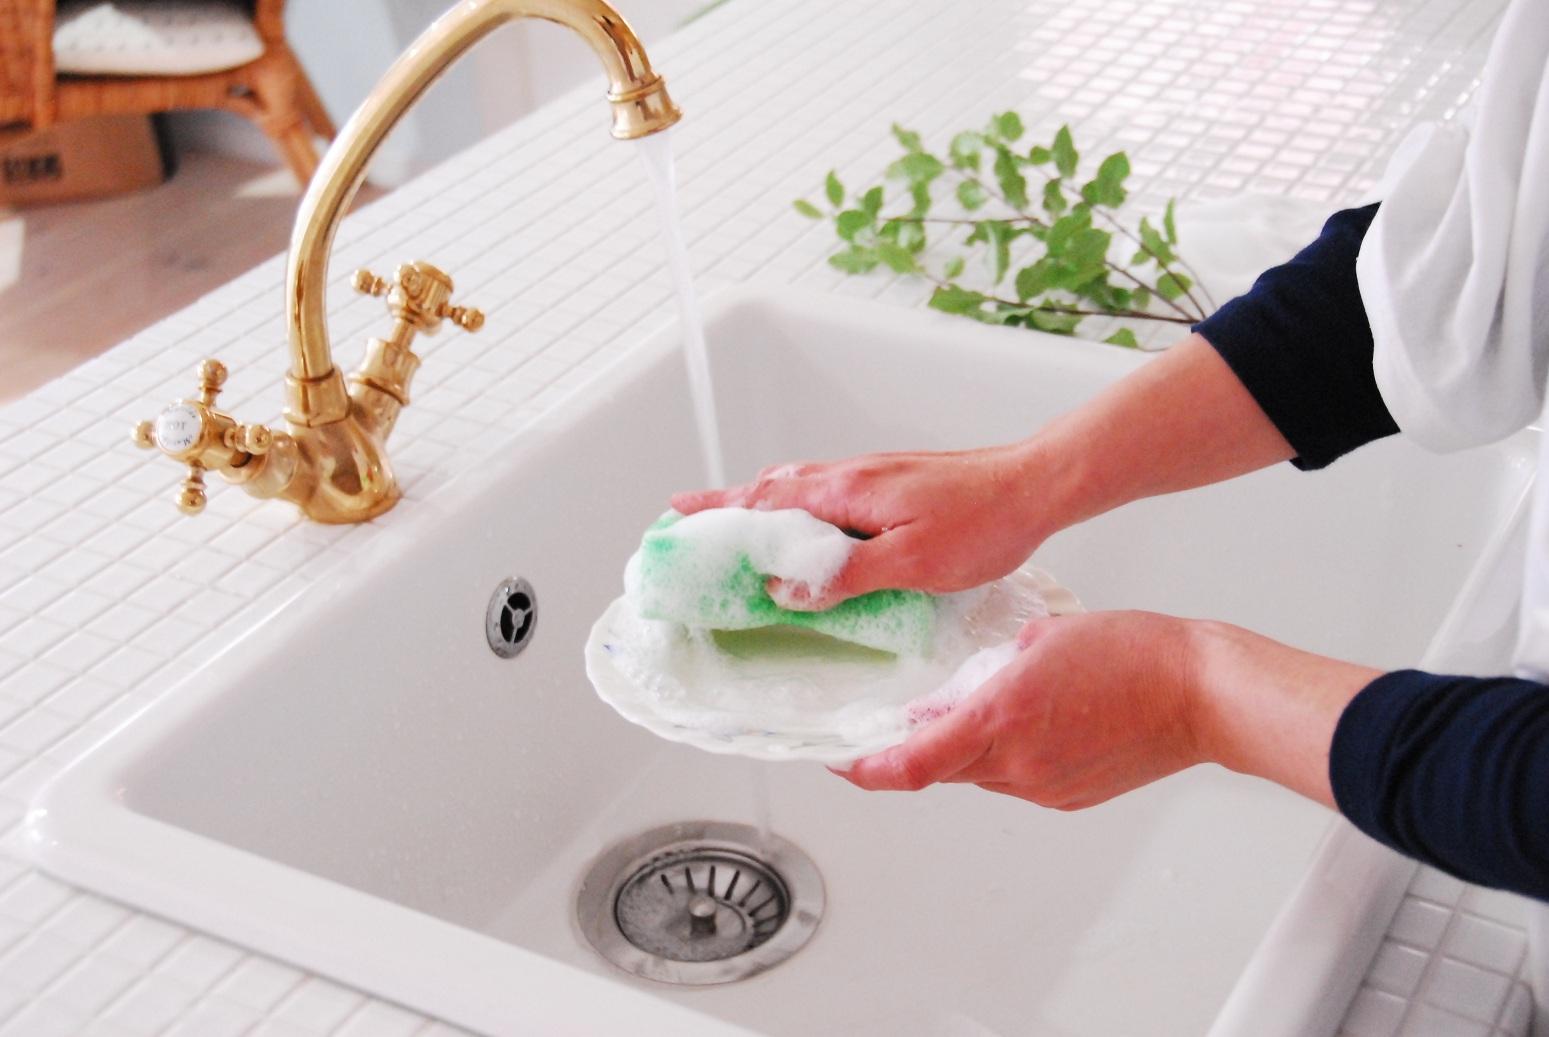 【送料無料】台所用中性洗剤サンセブンハイアールE型(750g入)10個セット温泉成分 コラーゲン配合手荒れ改善。片手で洗えて合理的。スポンジ泡モコモコ。油汚れ即落ち家事大好き嬉しい気分。